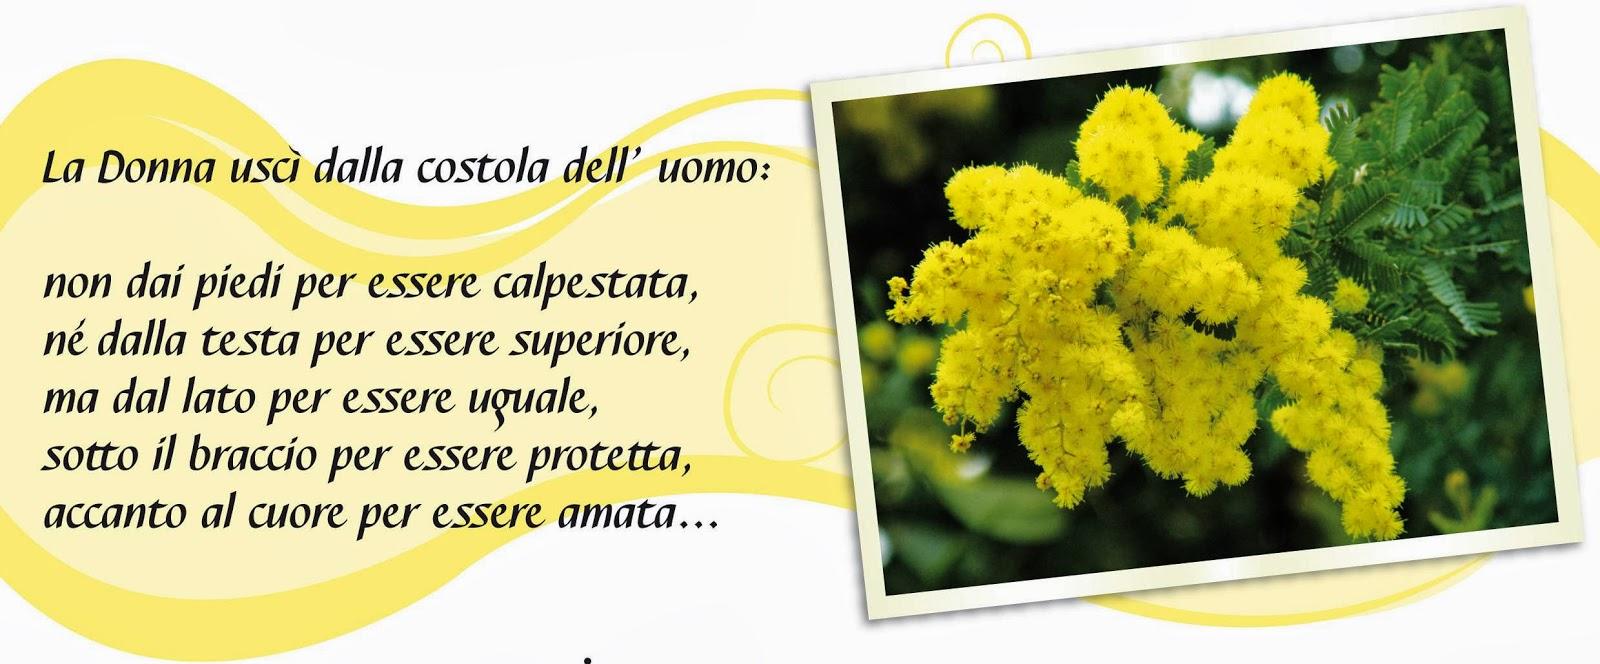 8 marzo - festa della donna - Pagina 2 BuongiornoLink+-+Buongiorno+Auguri+di+Cuore+a+Tutte+le+Donne